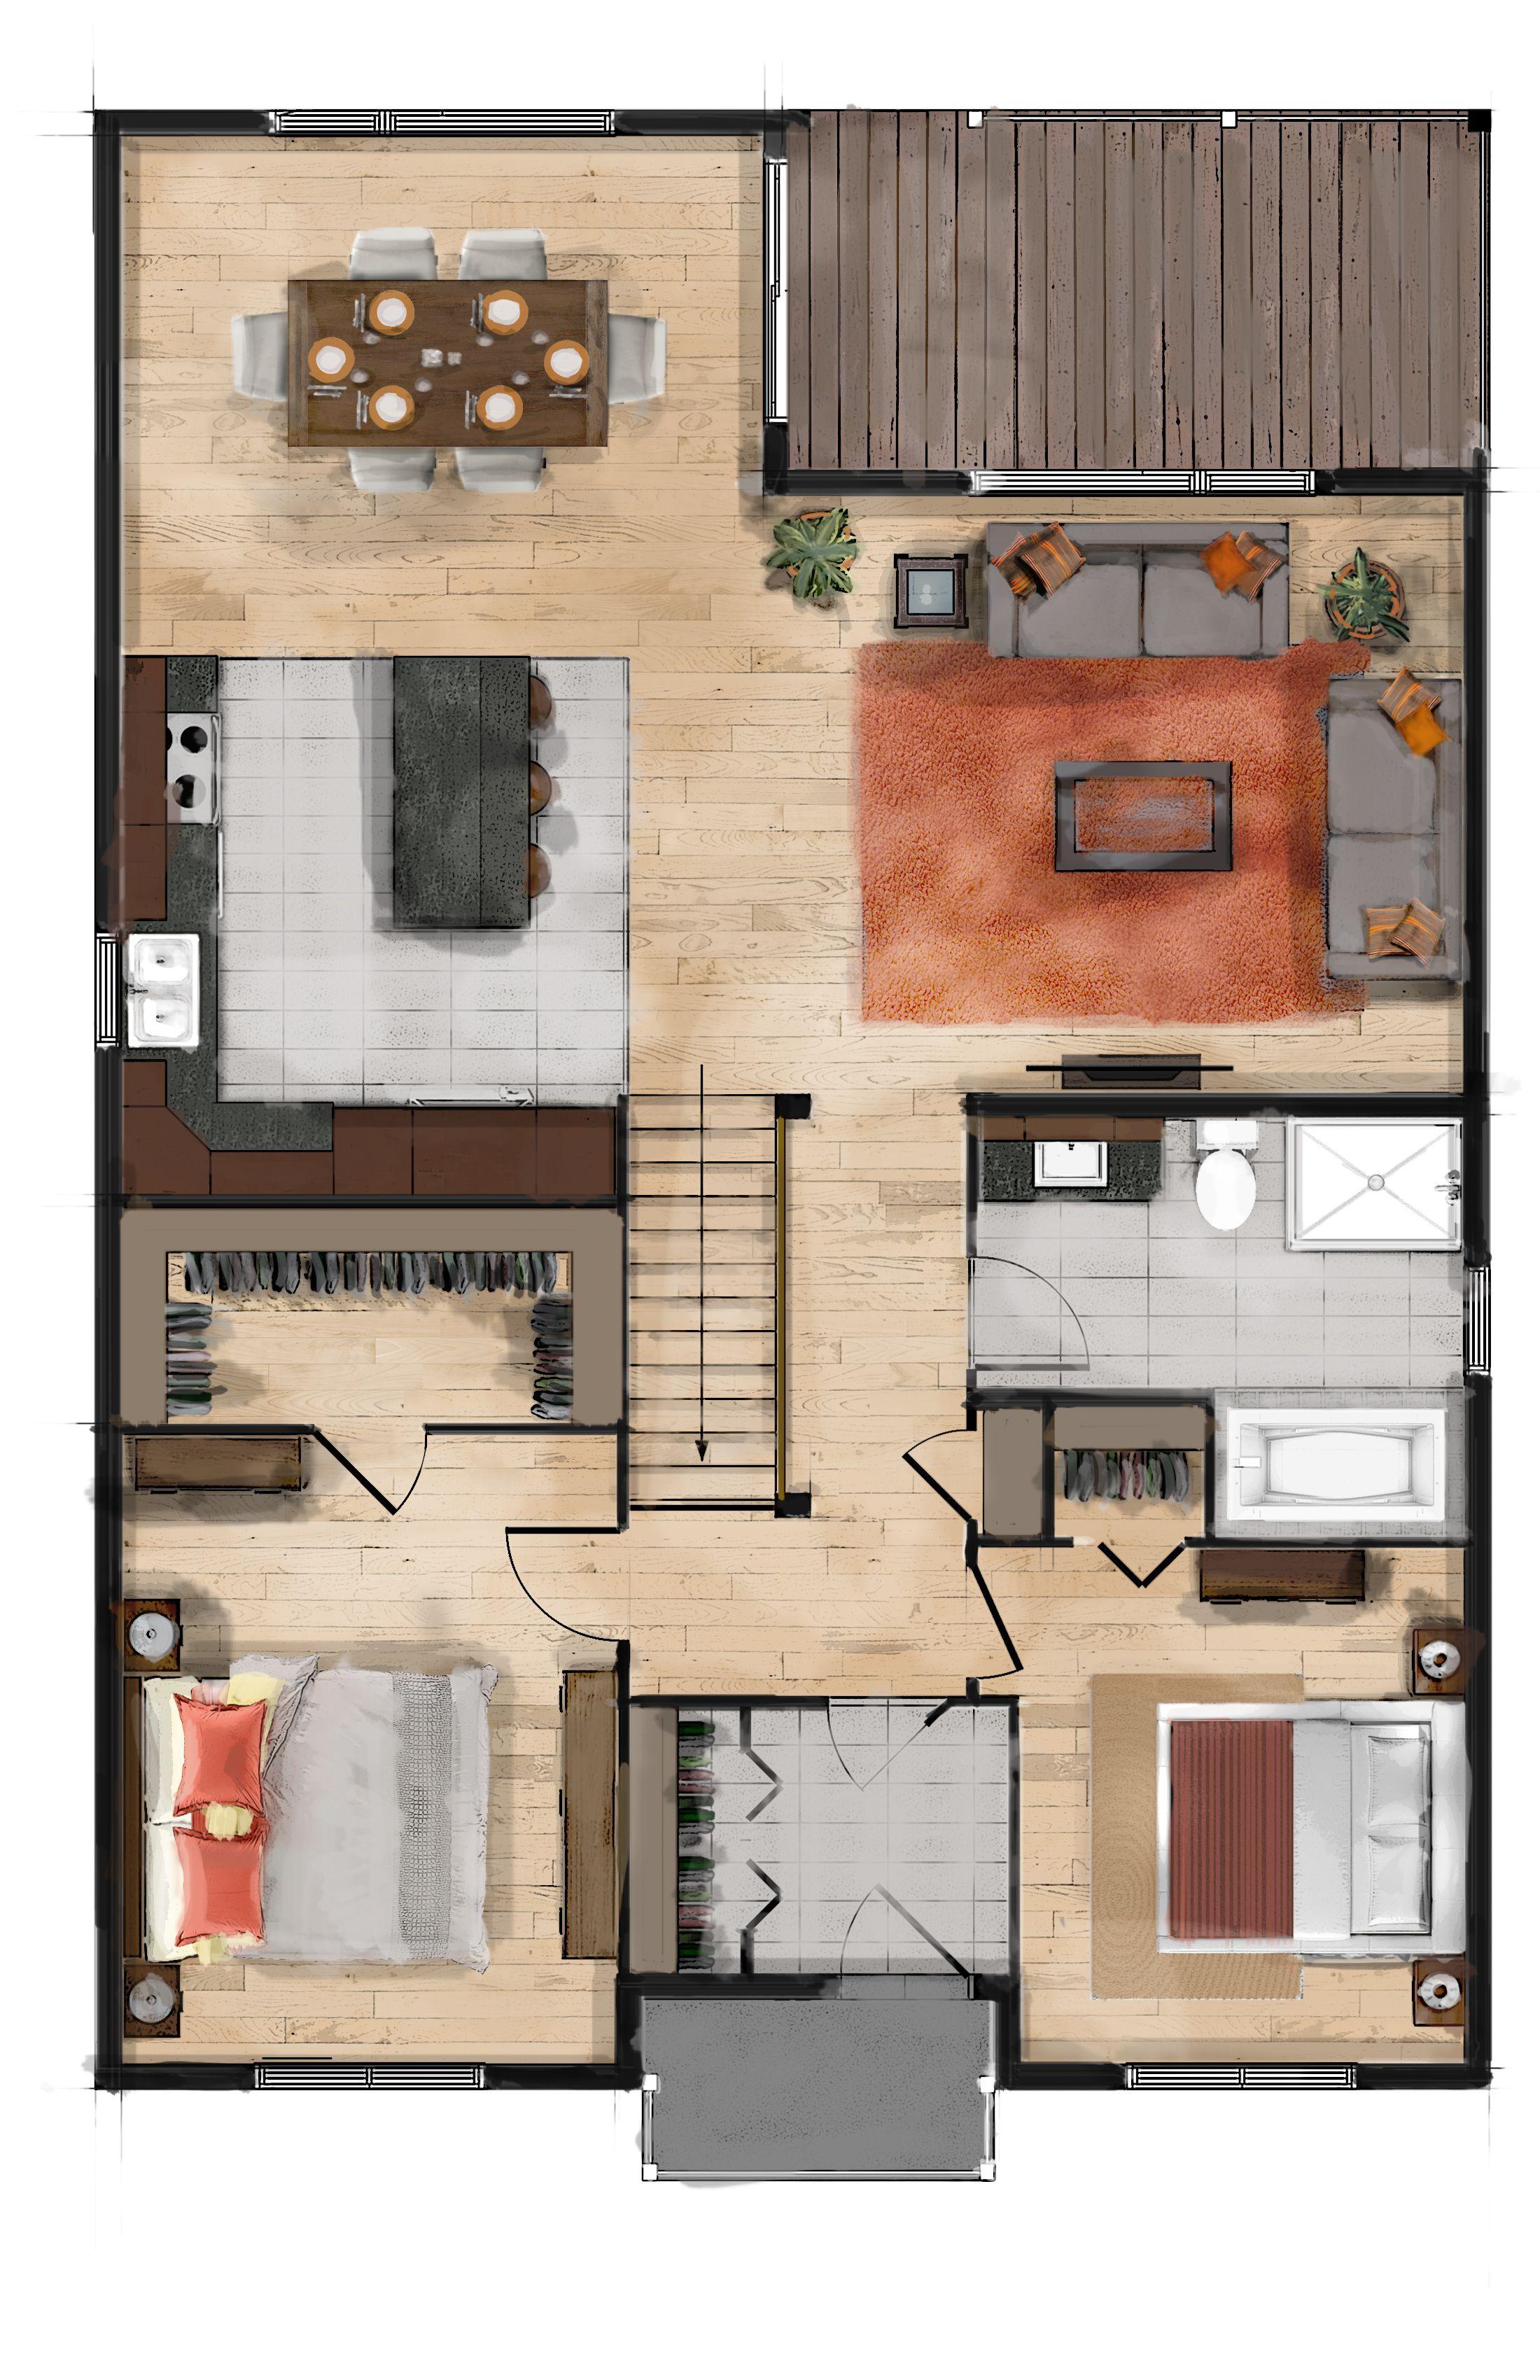 San Antonio Maisons Usinees Cote Dream House Plans Cottage Plan Building A House